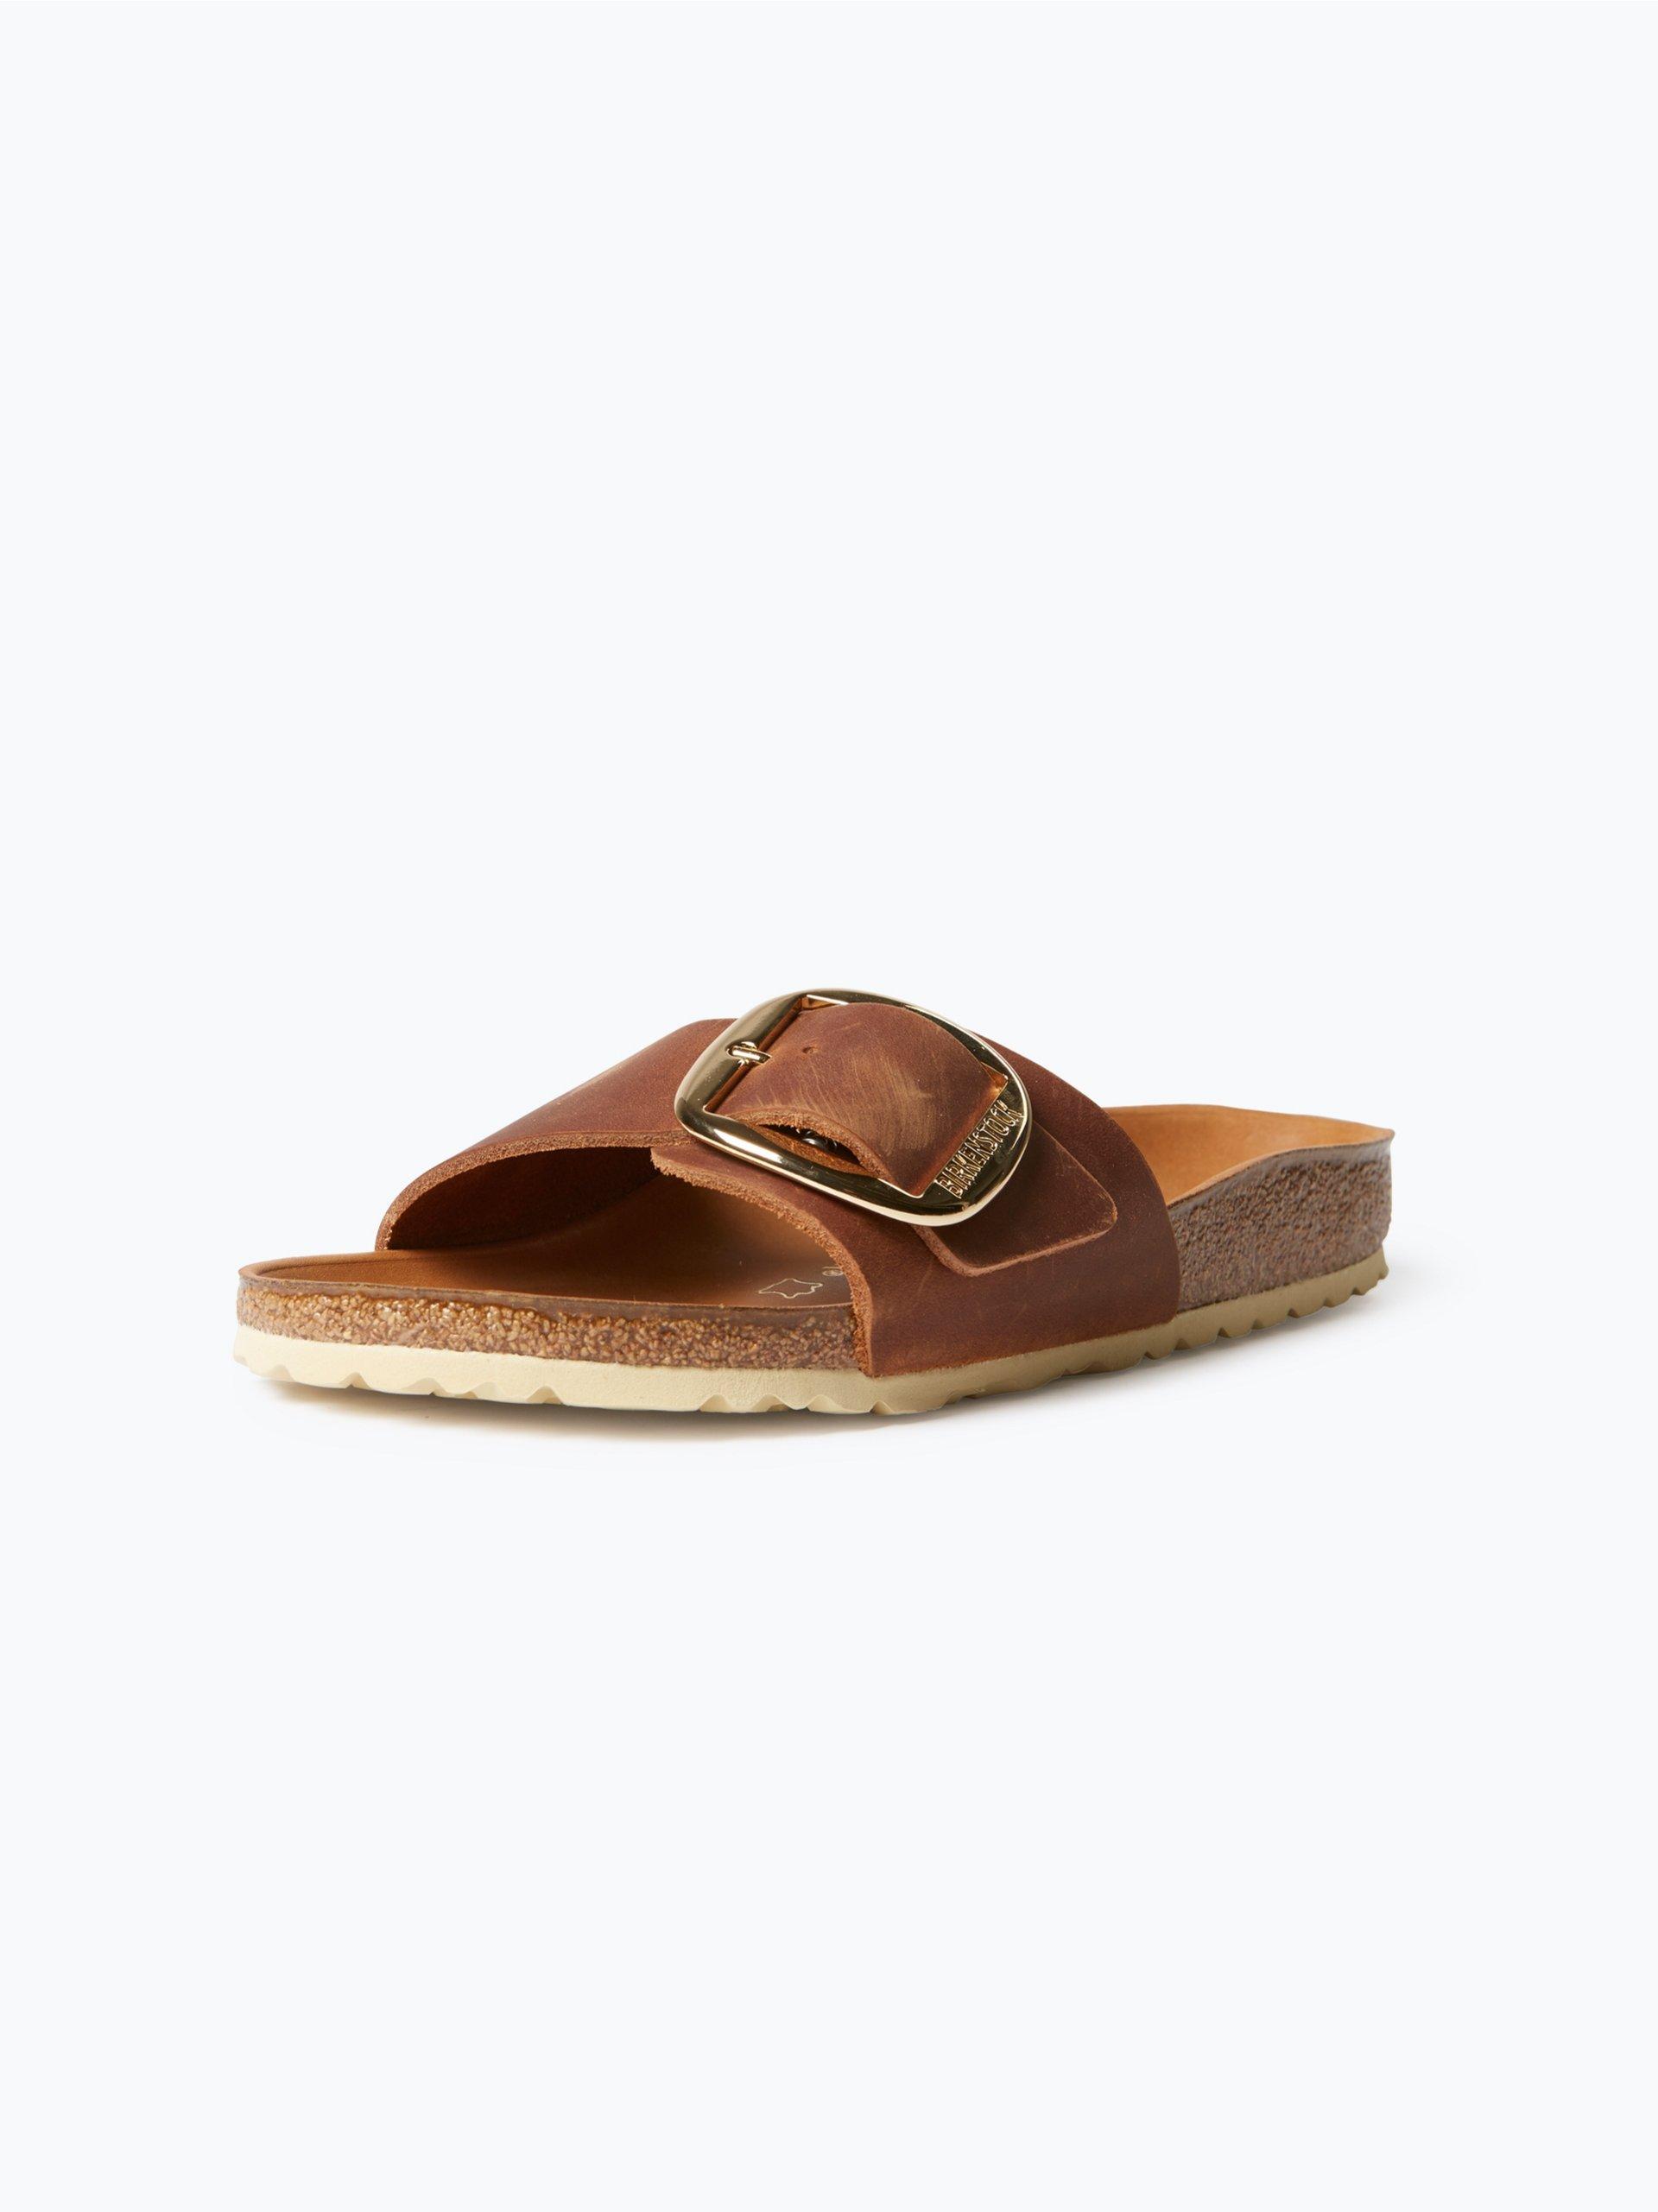 birkenstock damen sandalen aus leder cognac uni online. Black Bedroom Furniture Sets. Home Design Ideas